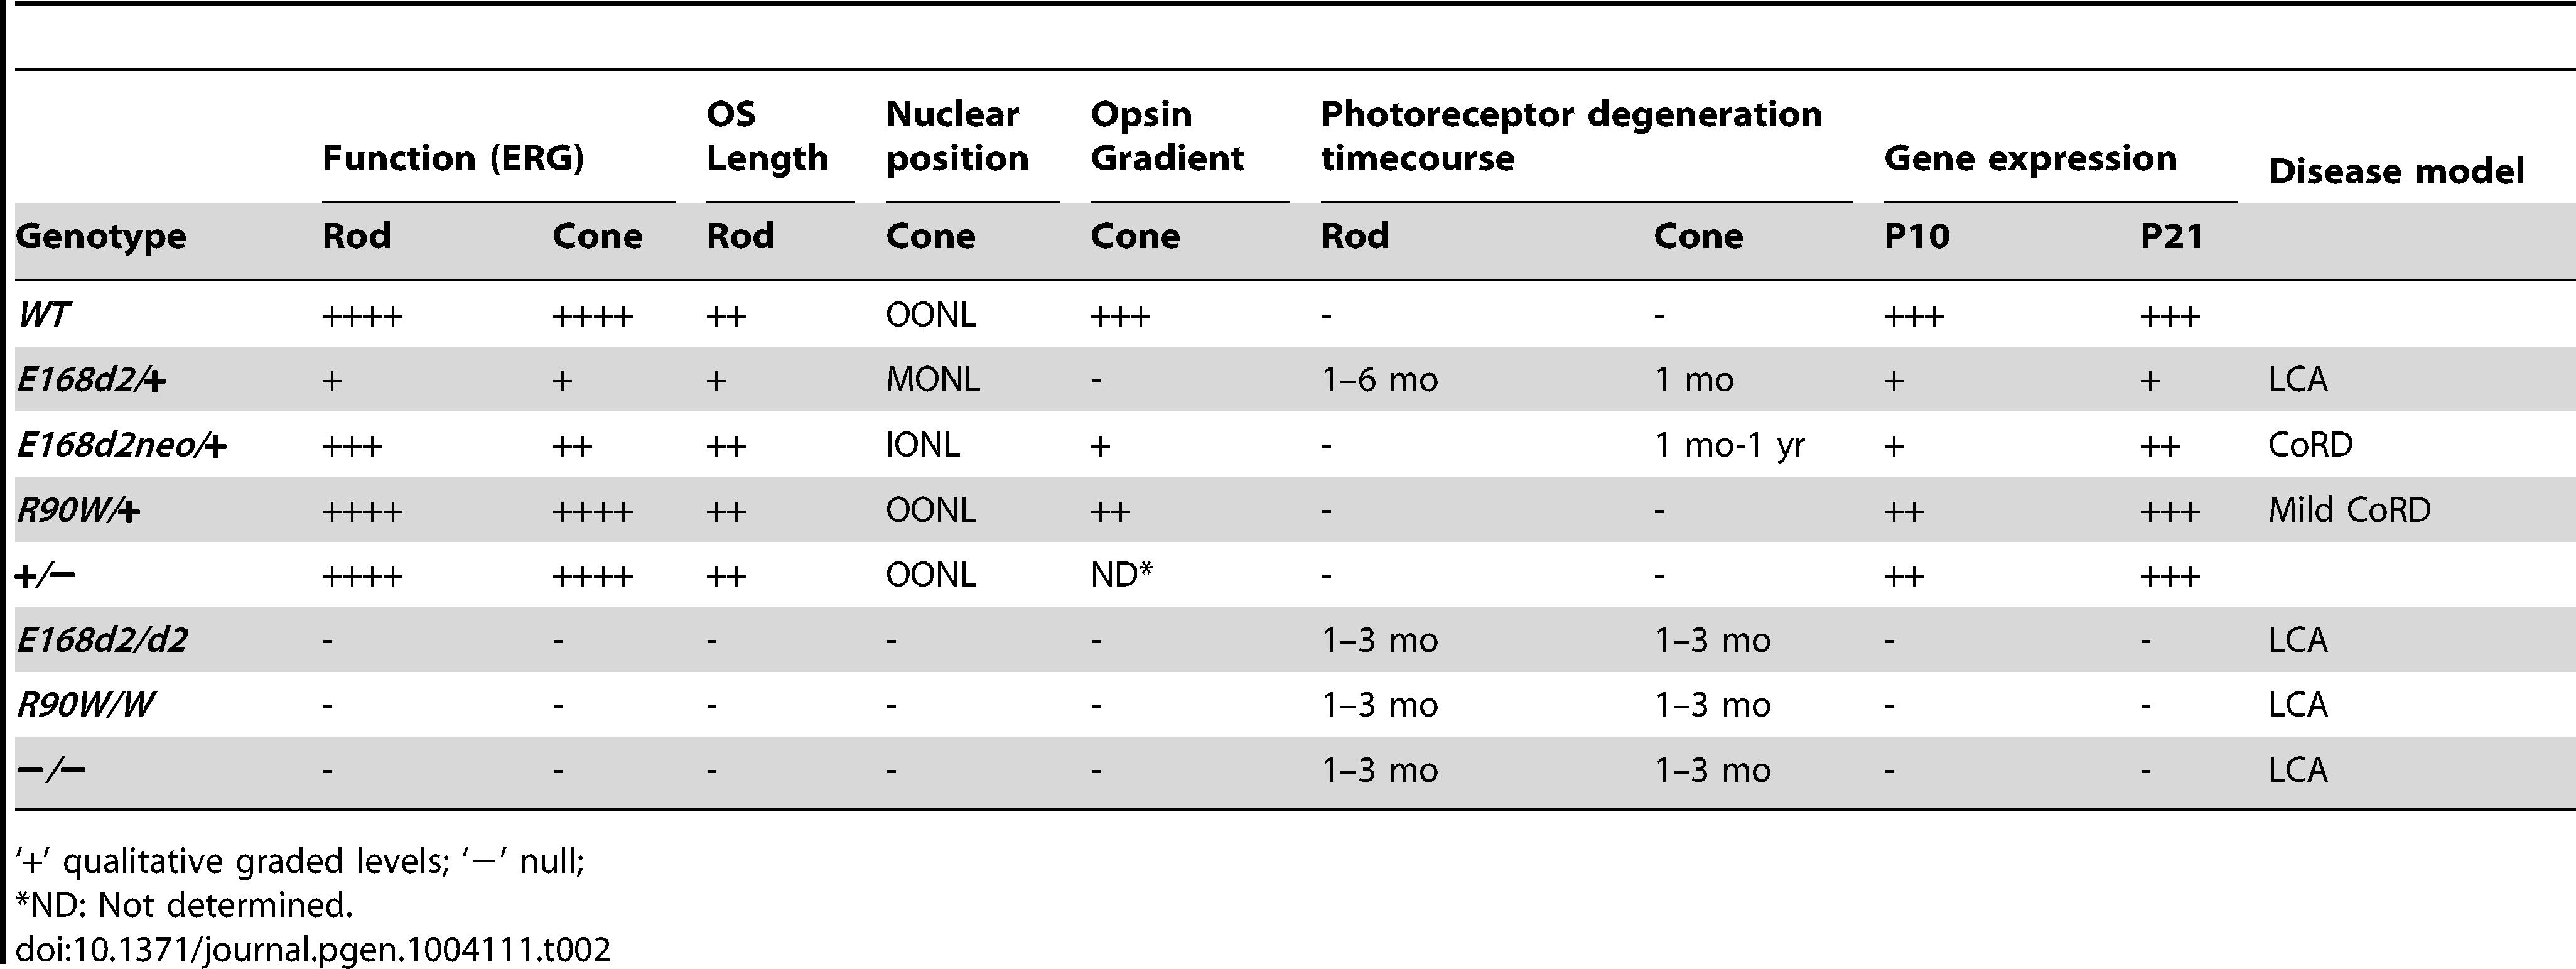 Summary of retinal phenotypes of <i>Crx E168d2</i>, <i>R90W</i> and <i>KO</i> mice.